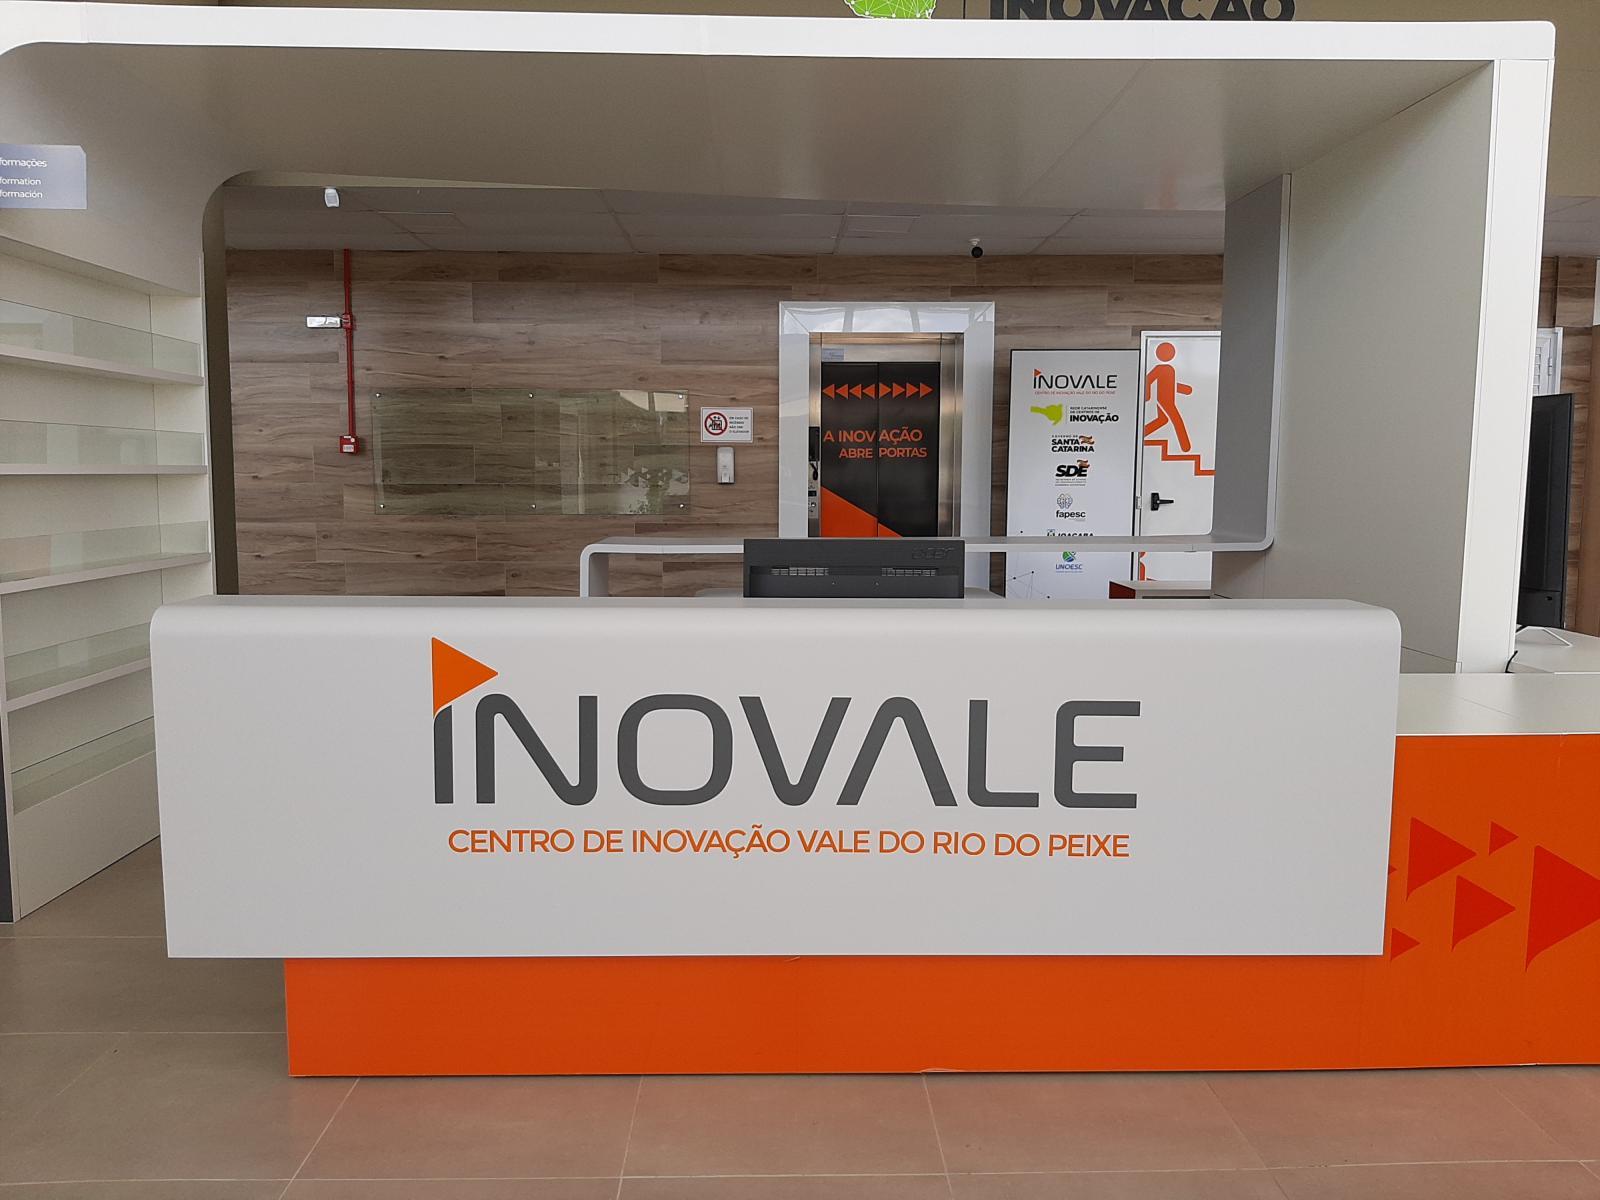 Centro de Inovação Vale do Rio do Peixe - Inovale está com editais abertos para instalação de empresas